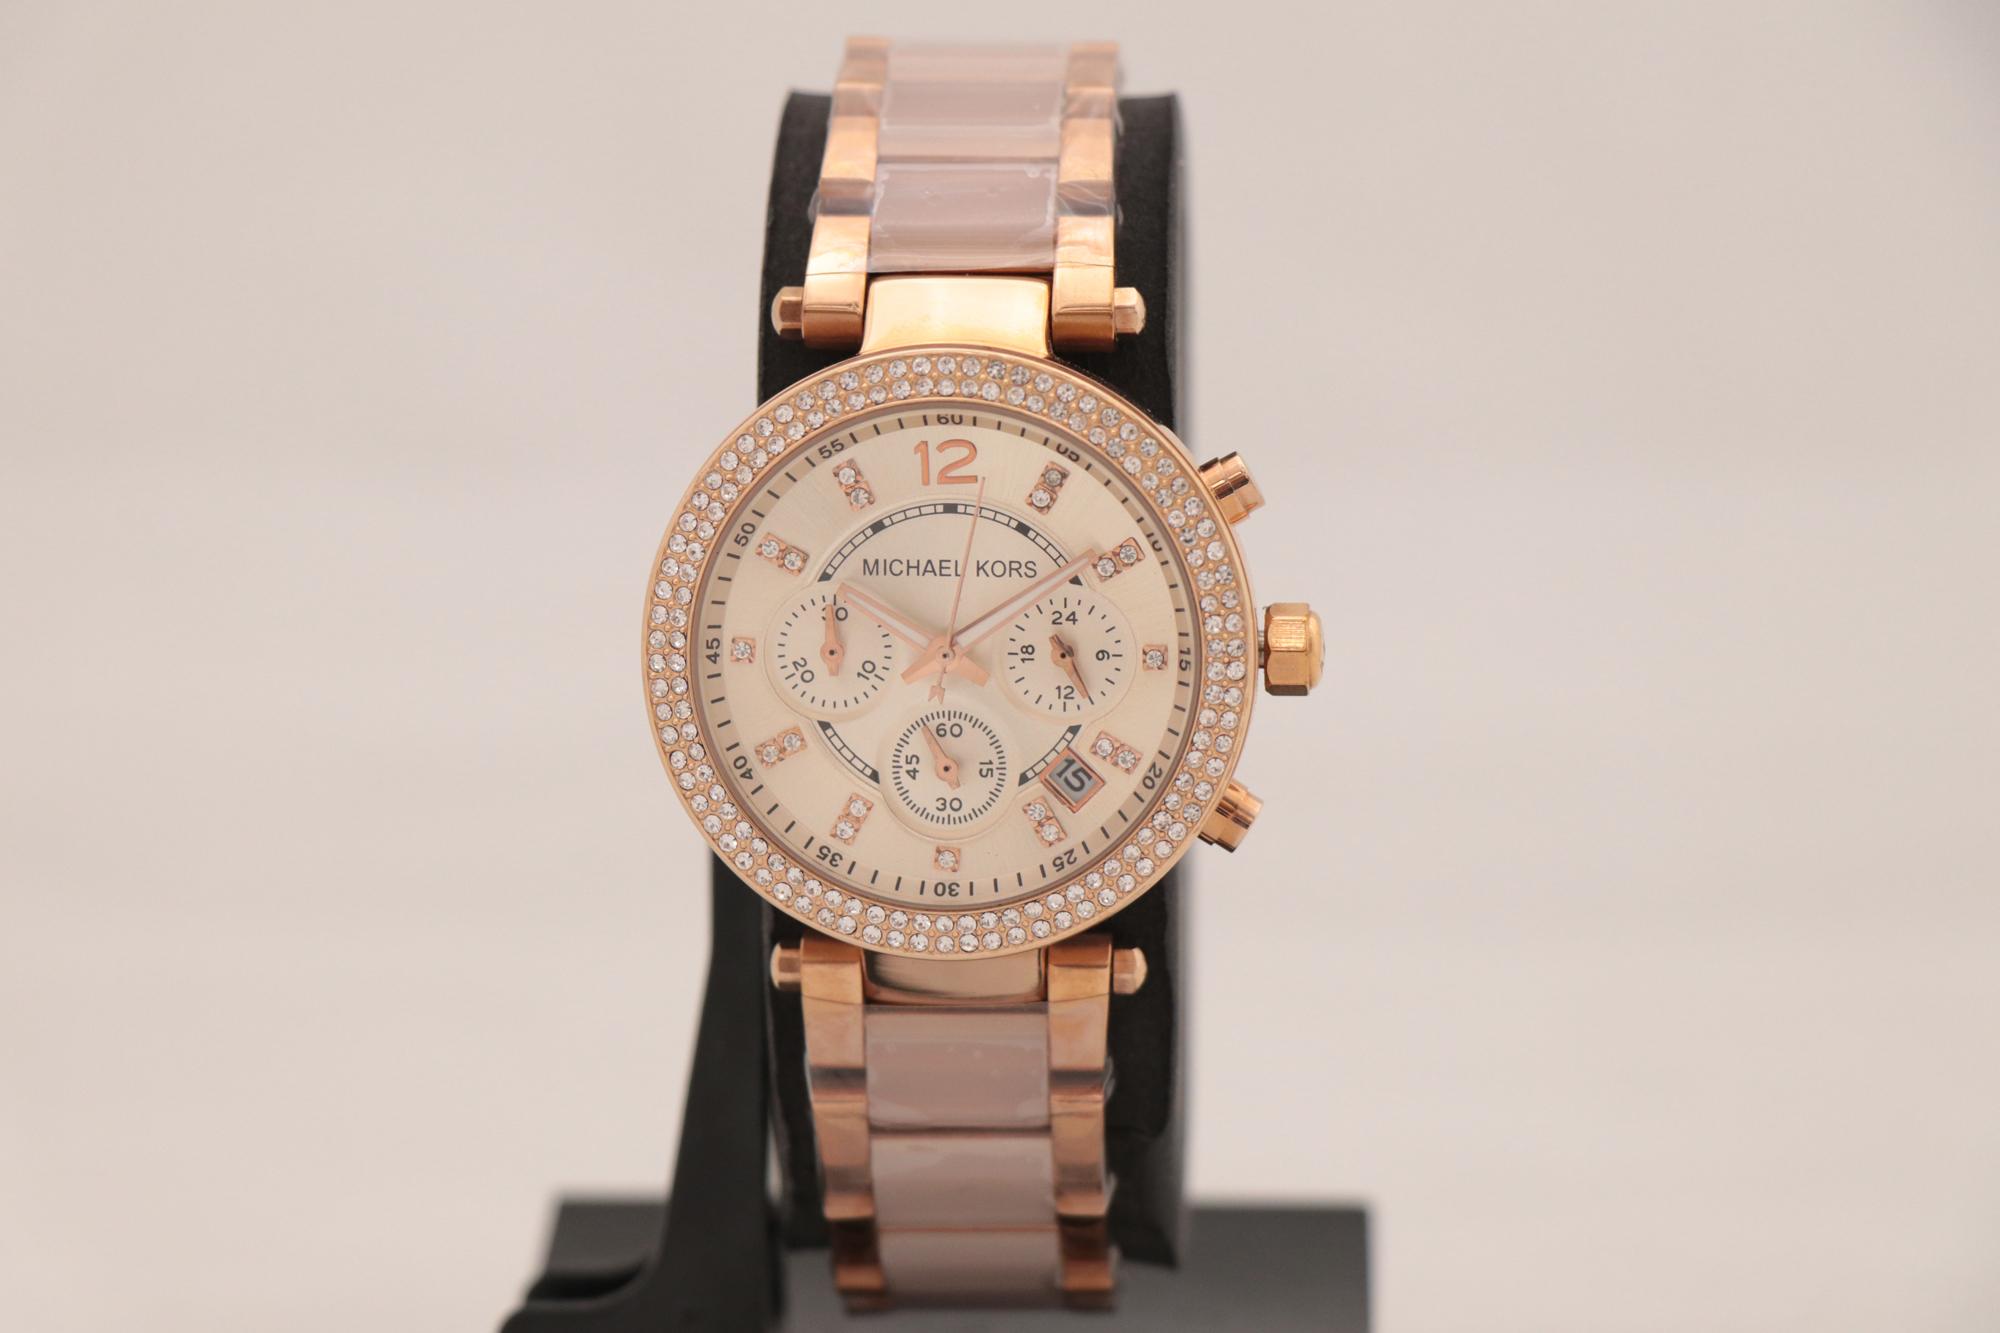 ساعت مچی عقربه ای زنانه مایکل کورس مدل ۱۲۰۹۵